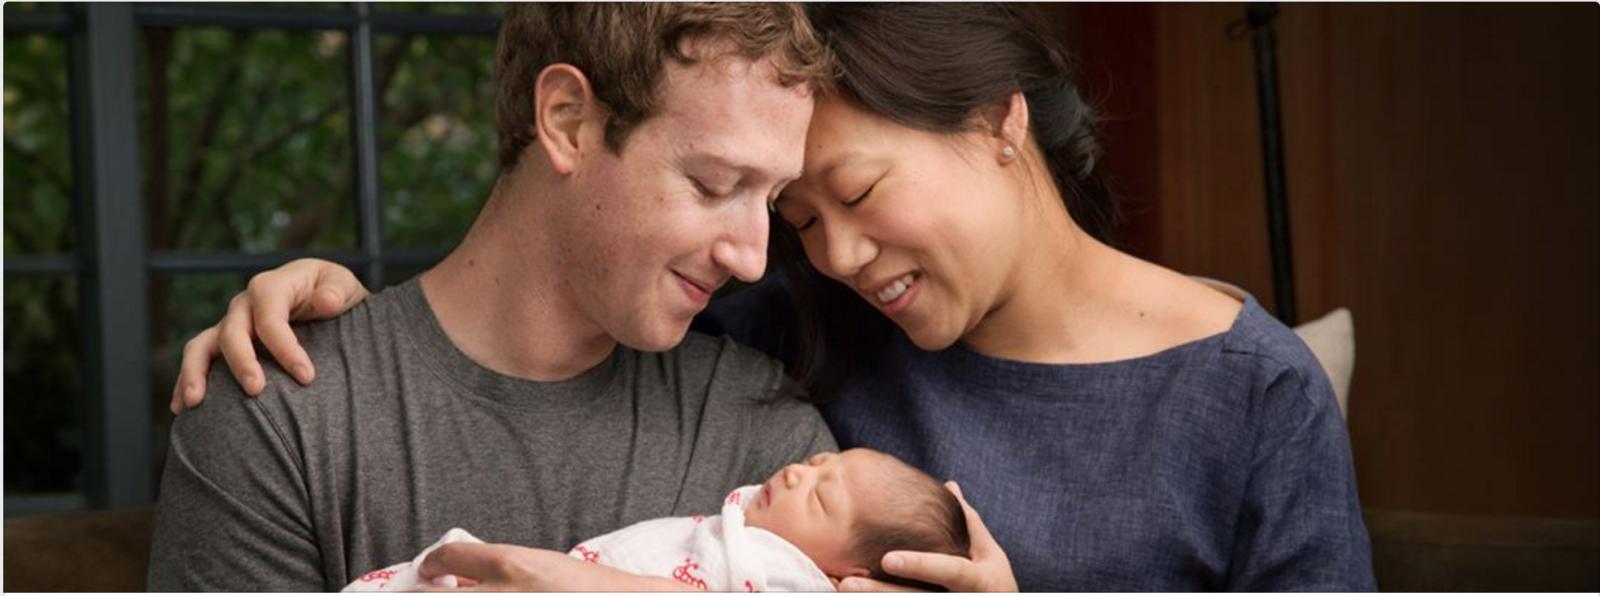 Mark Zuckerberg, Priscilla and Max